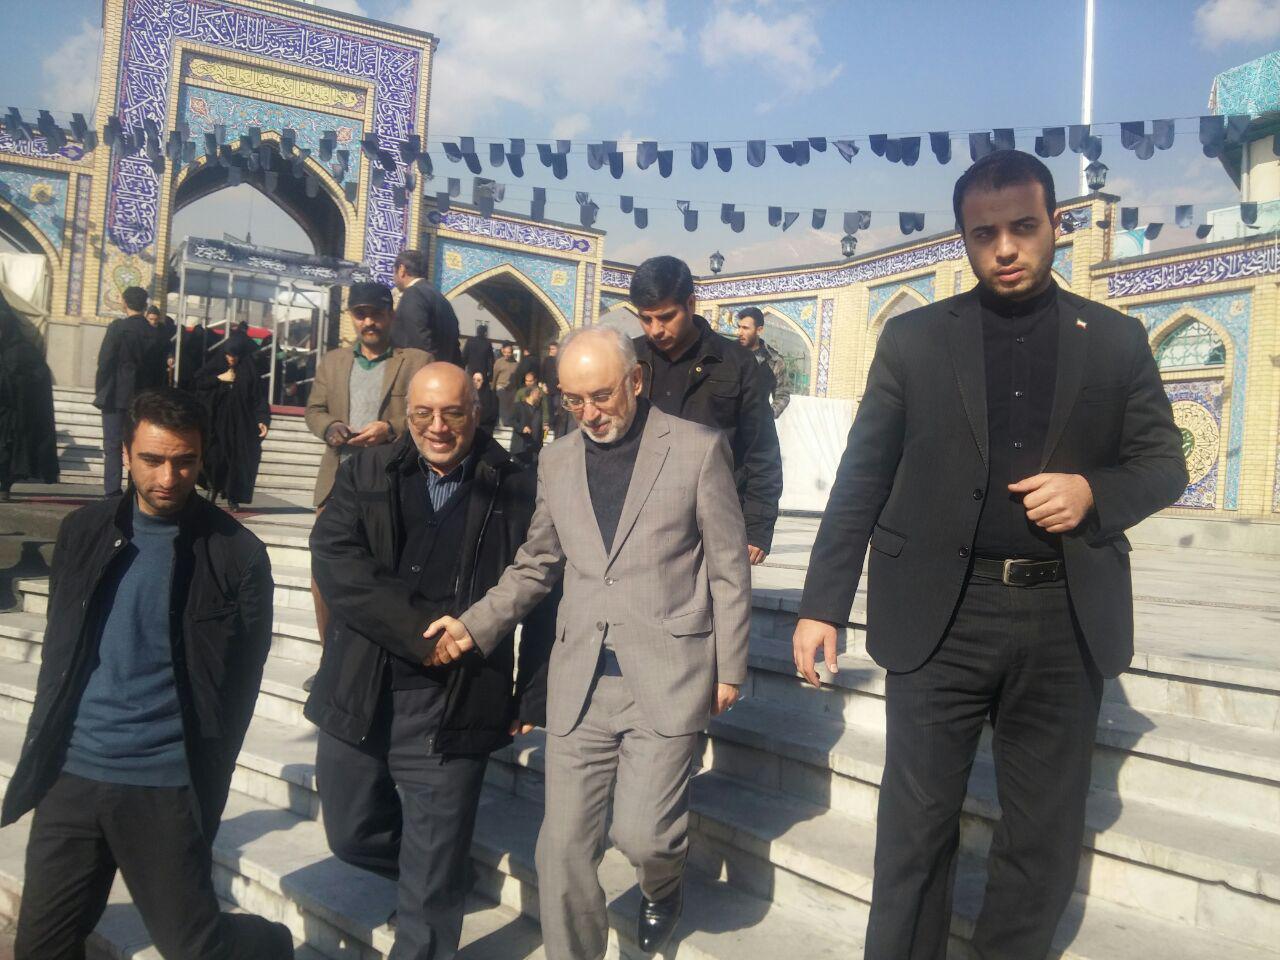 علی اکبر صالحی در مراسم گرامیداشت شهید مجید شهریاری شرکت کرد